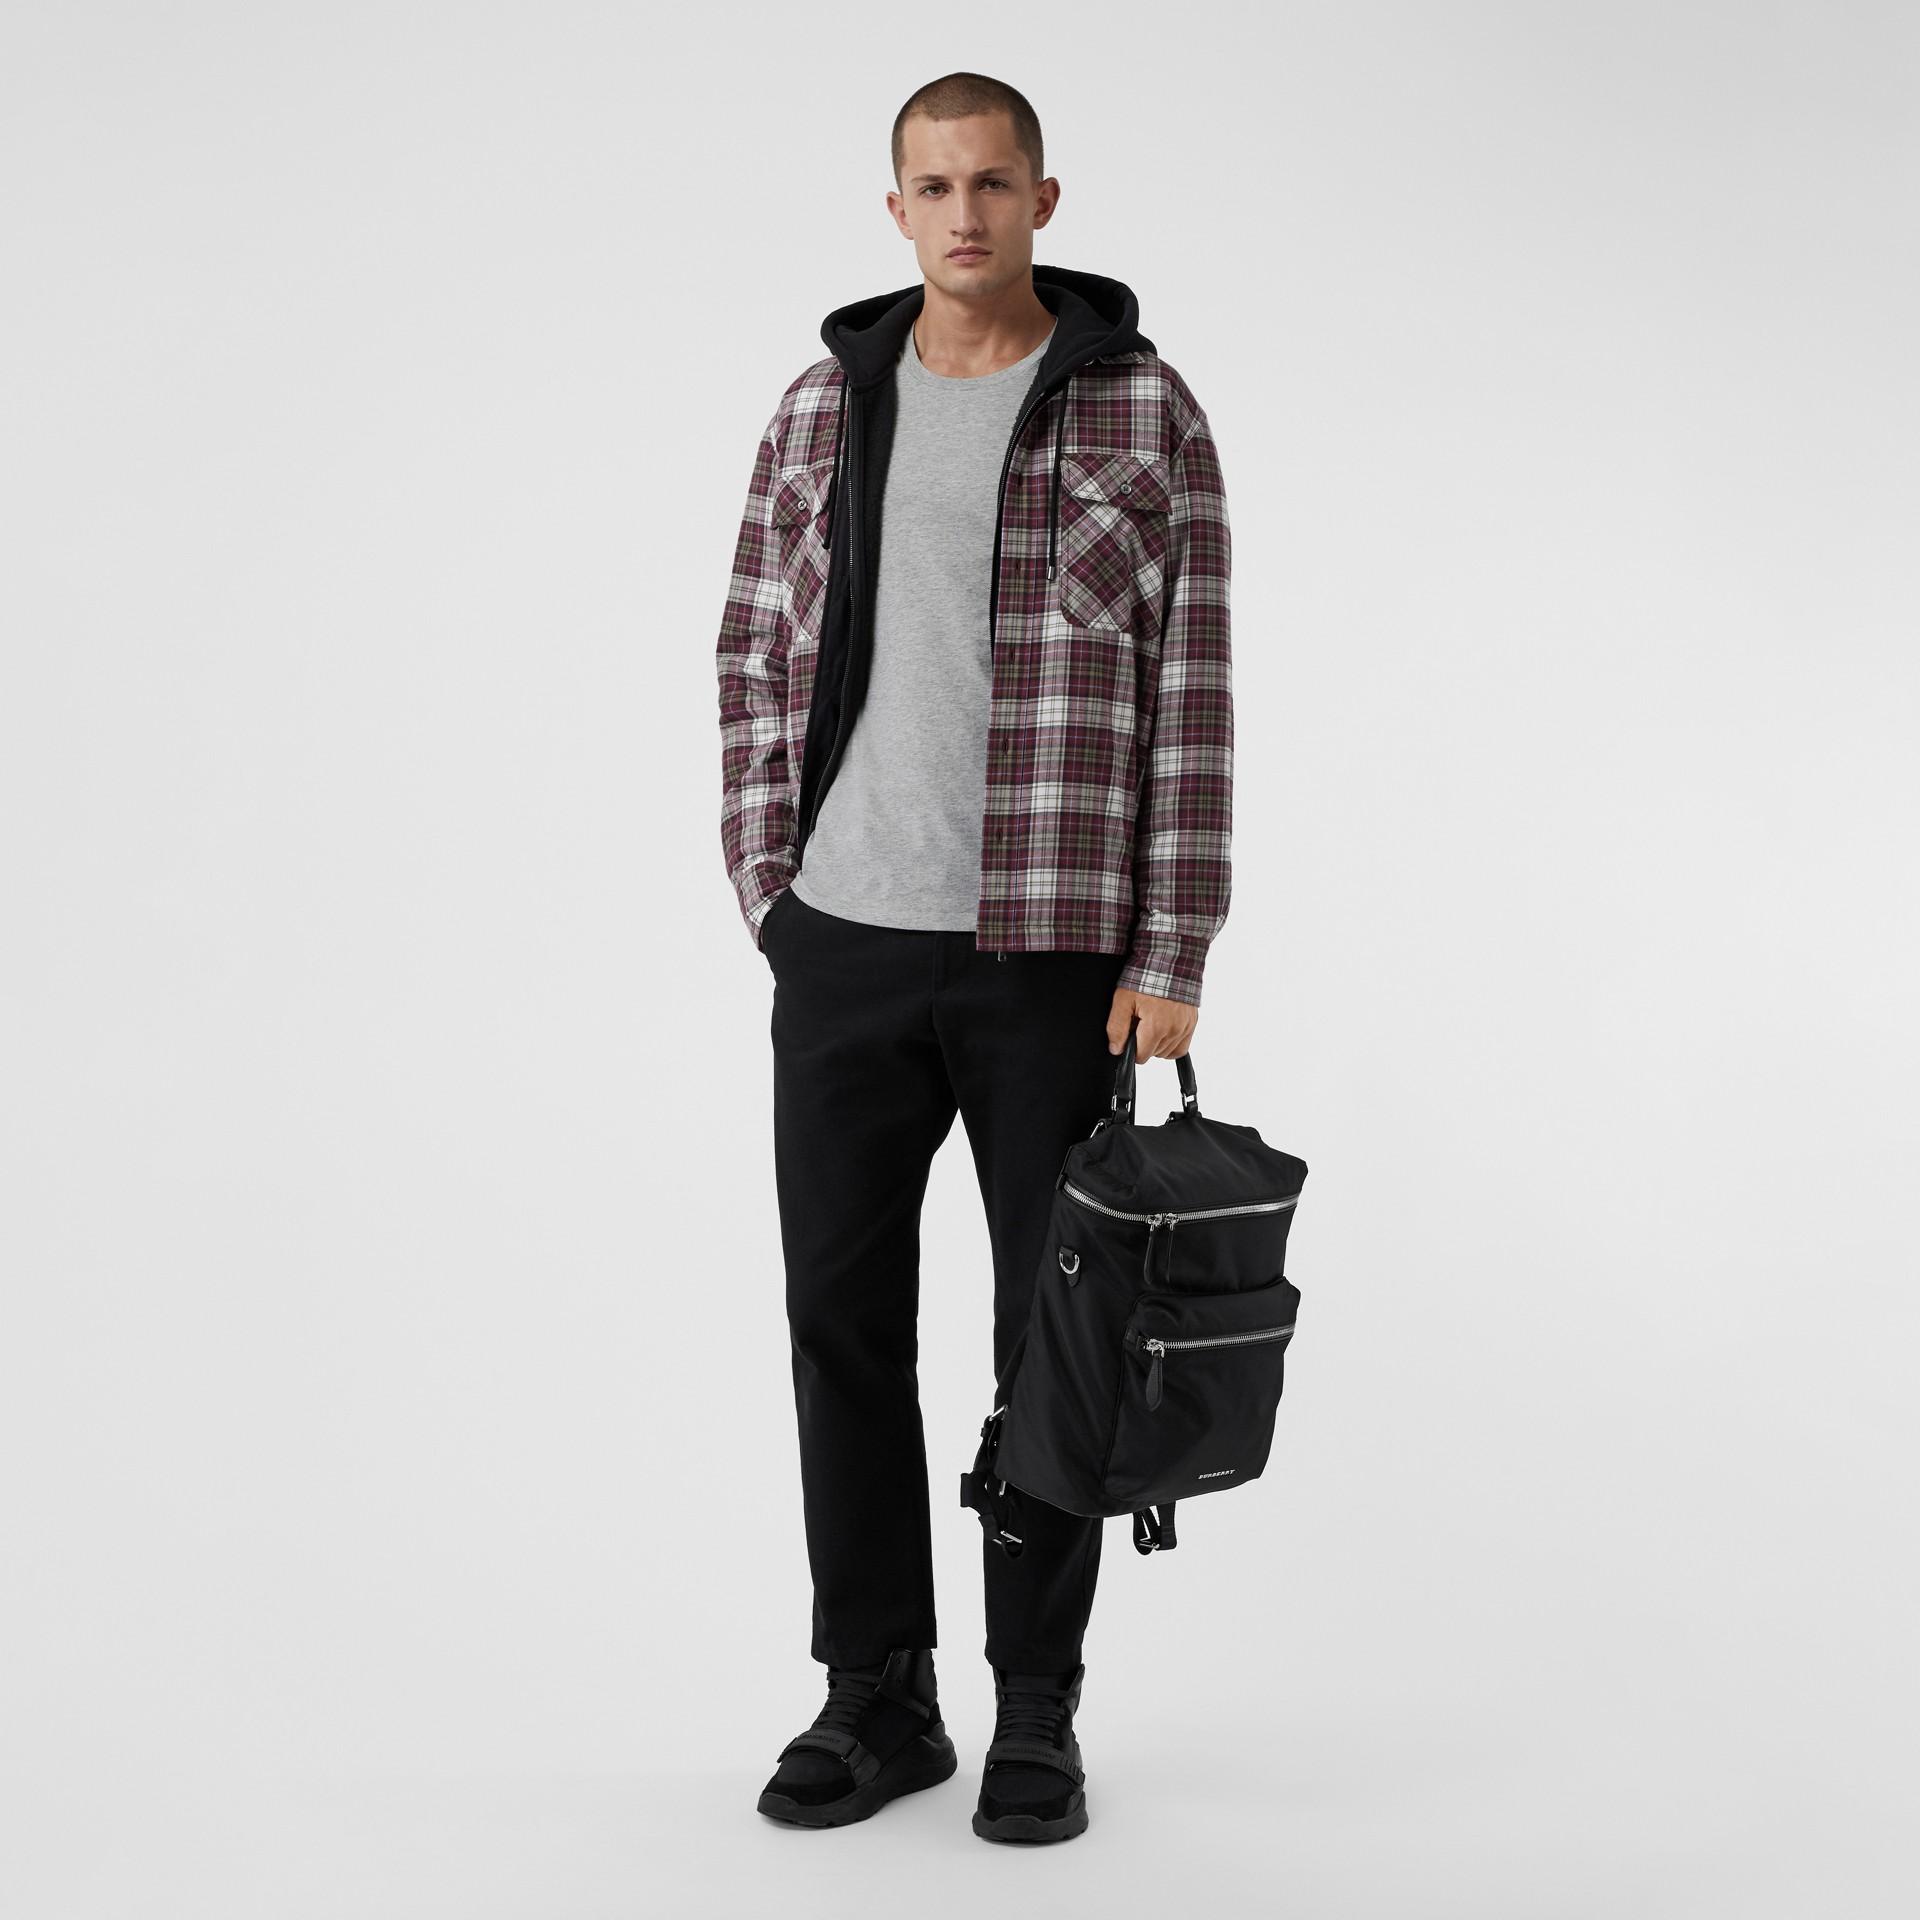 코튼 저지 티셔츠 (페일 그레이 멜란지) - 남성 | Burberry - 갤러리 이미지 0